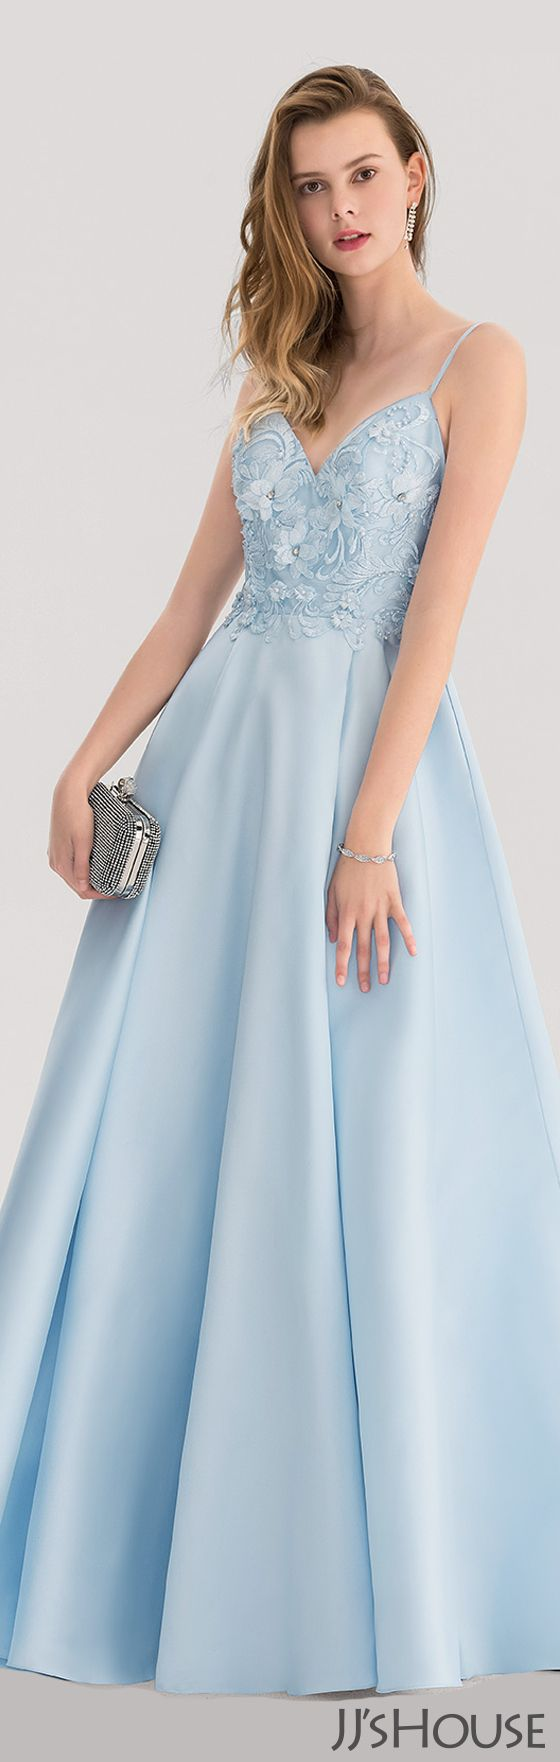 512 best JJsHouse Prom Dresses images on Pinterest